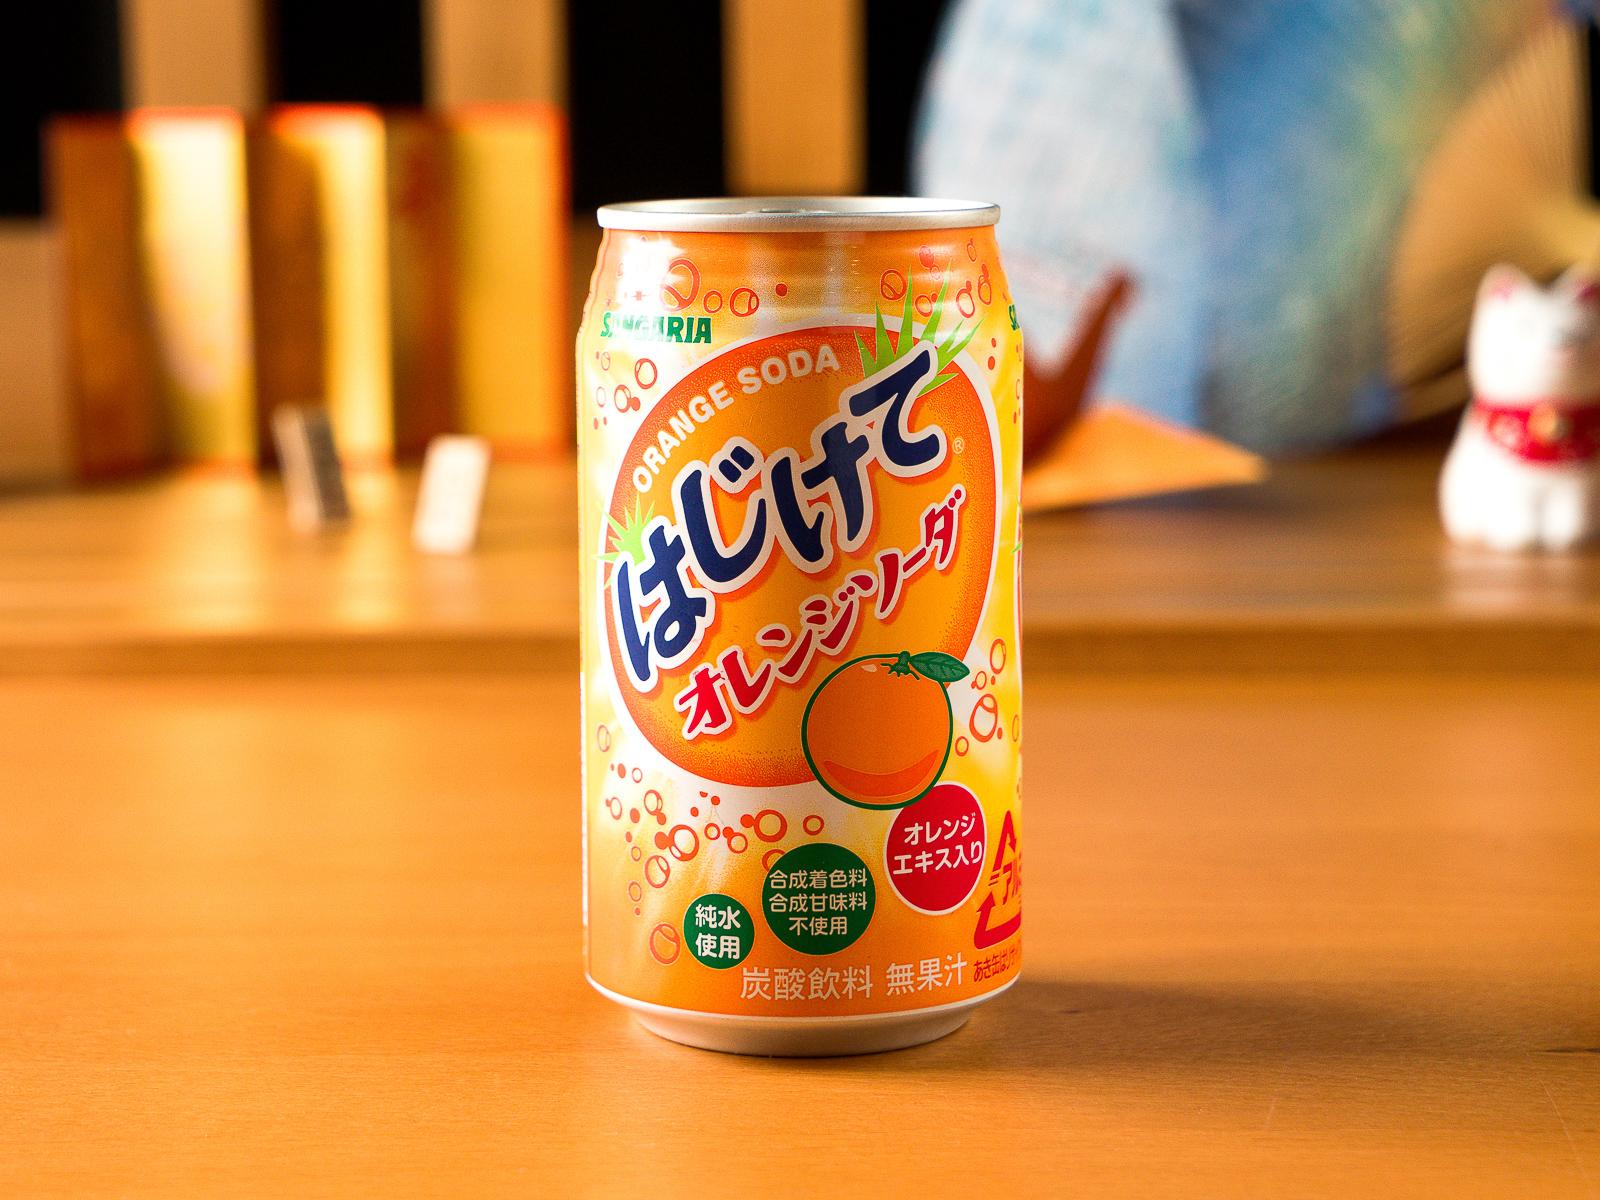 Японская газировка со вкусом апельсина